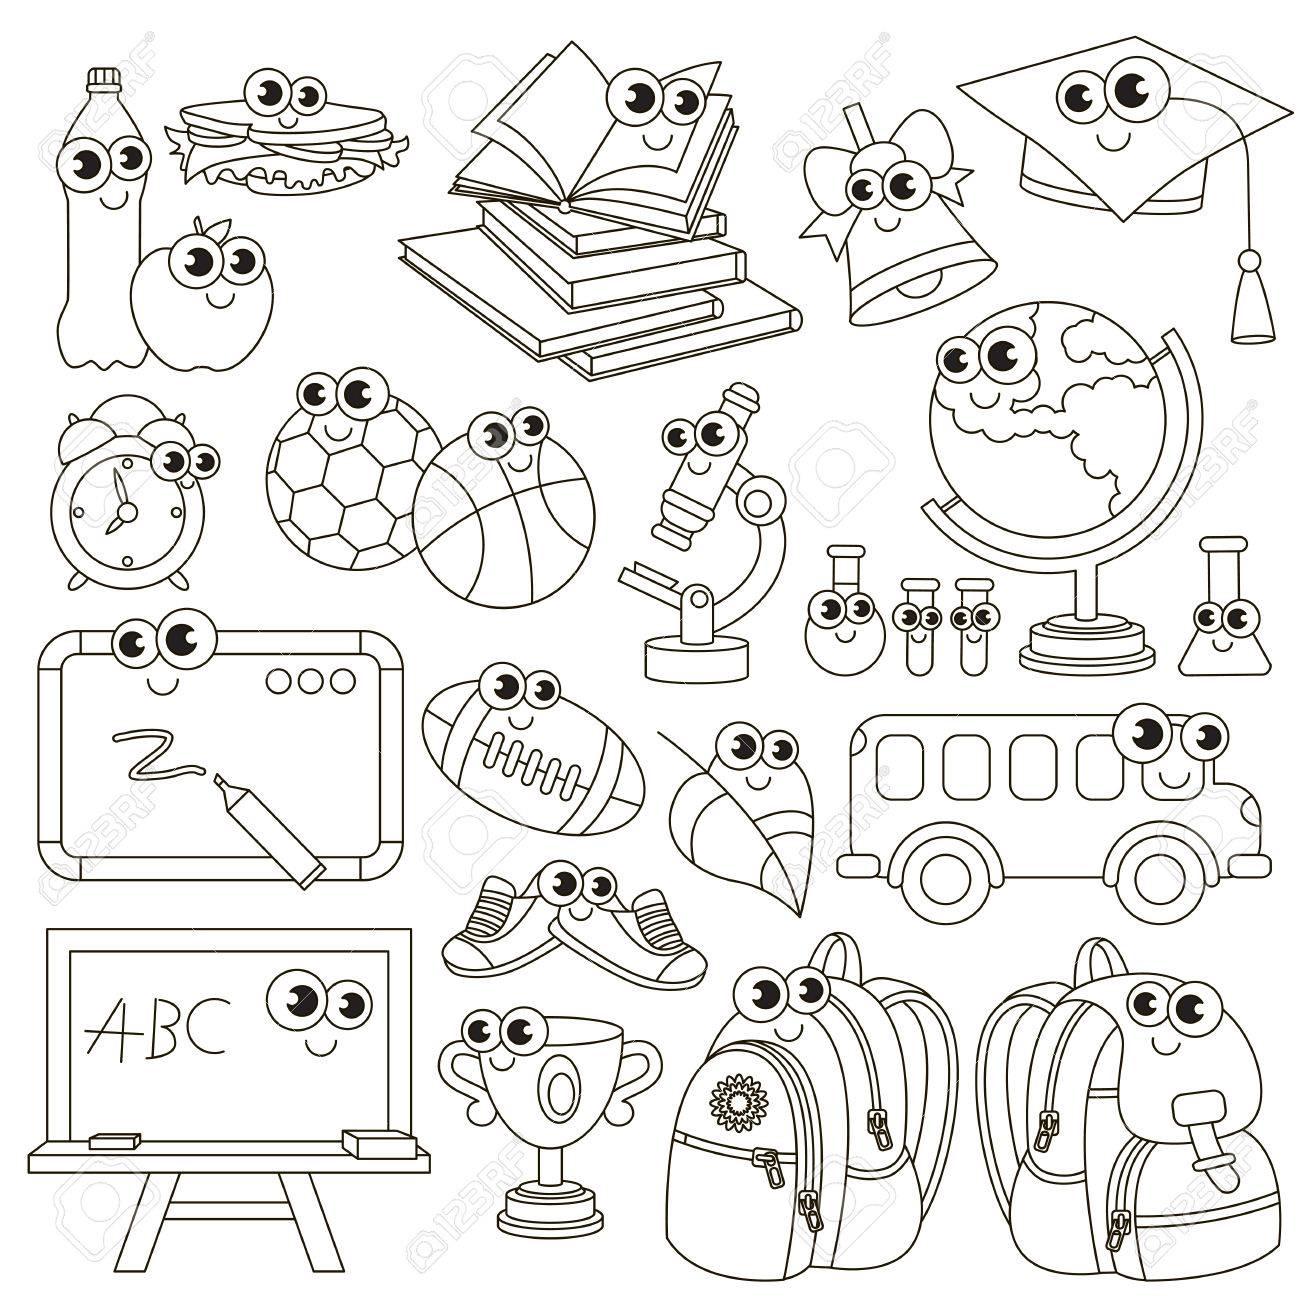 Le Concierge De L école Doit être Coloré Livre De Coloriage Pour éduquer Les Enfants D âge Préscolaire Easy Jeu éducatif Pour Les Enfants Et